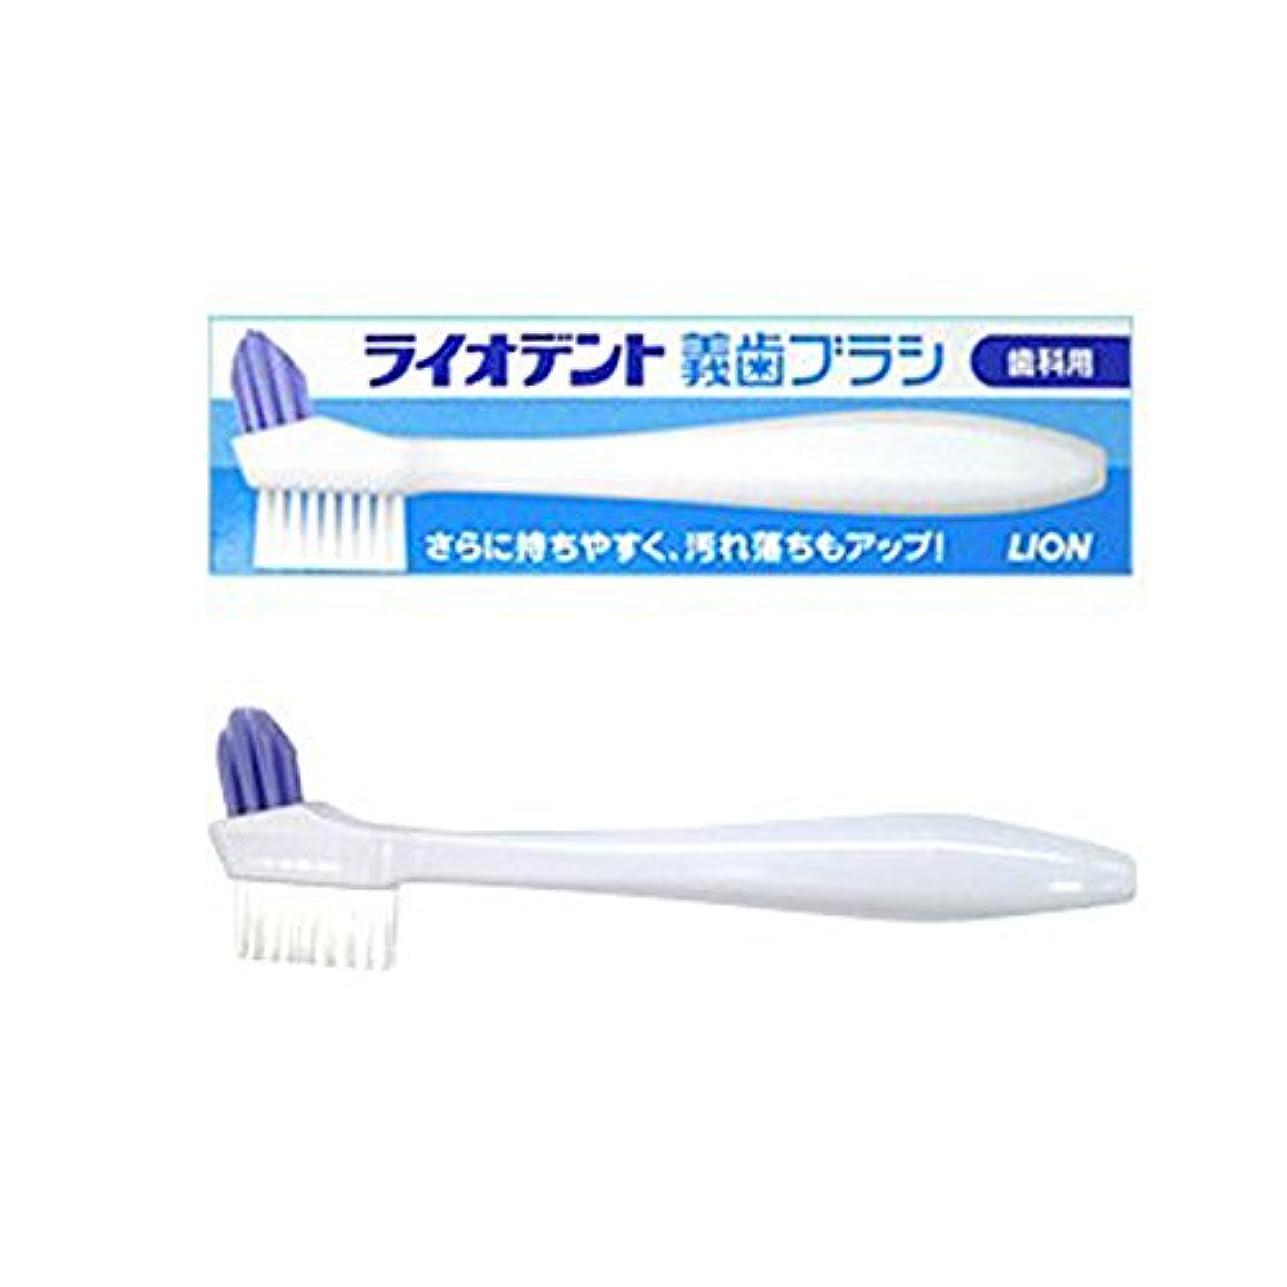 伝導金属部門ライオデント義歯ブラシ 1本